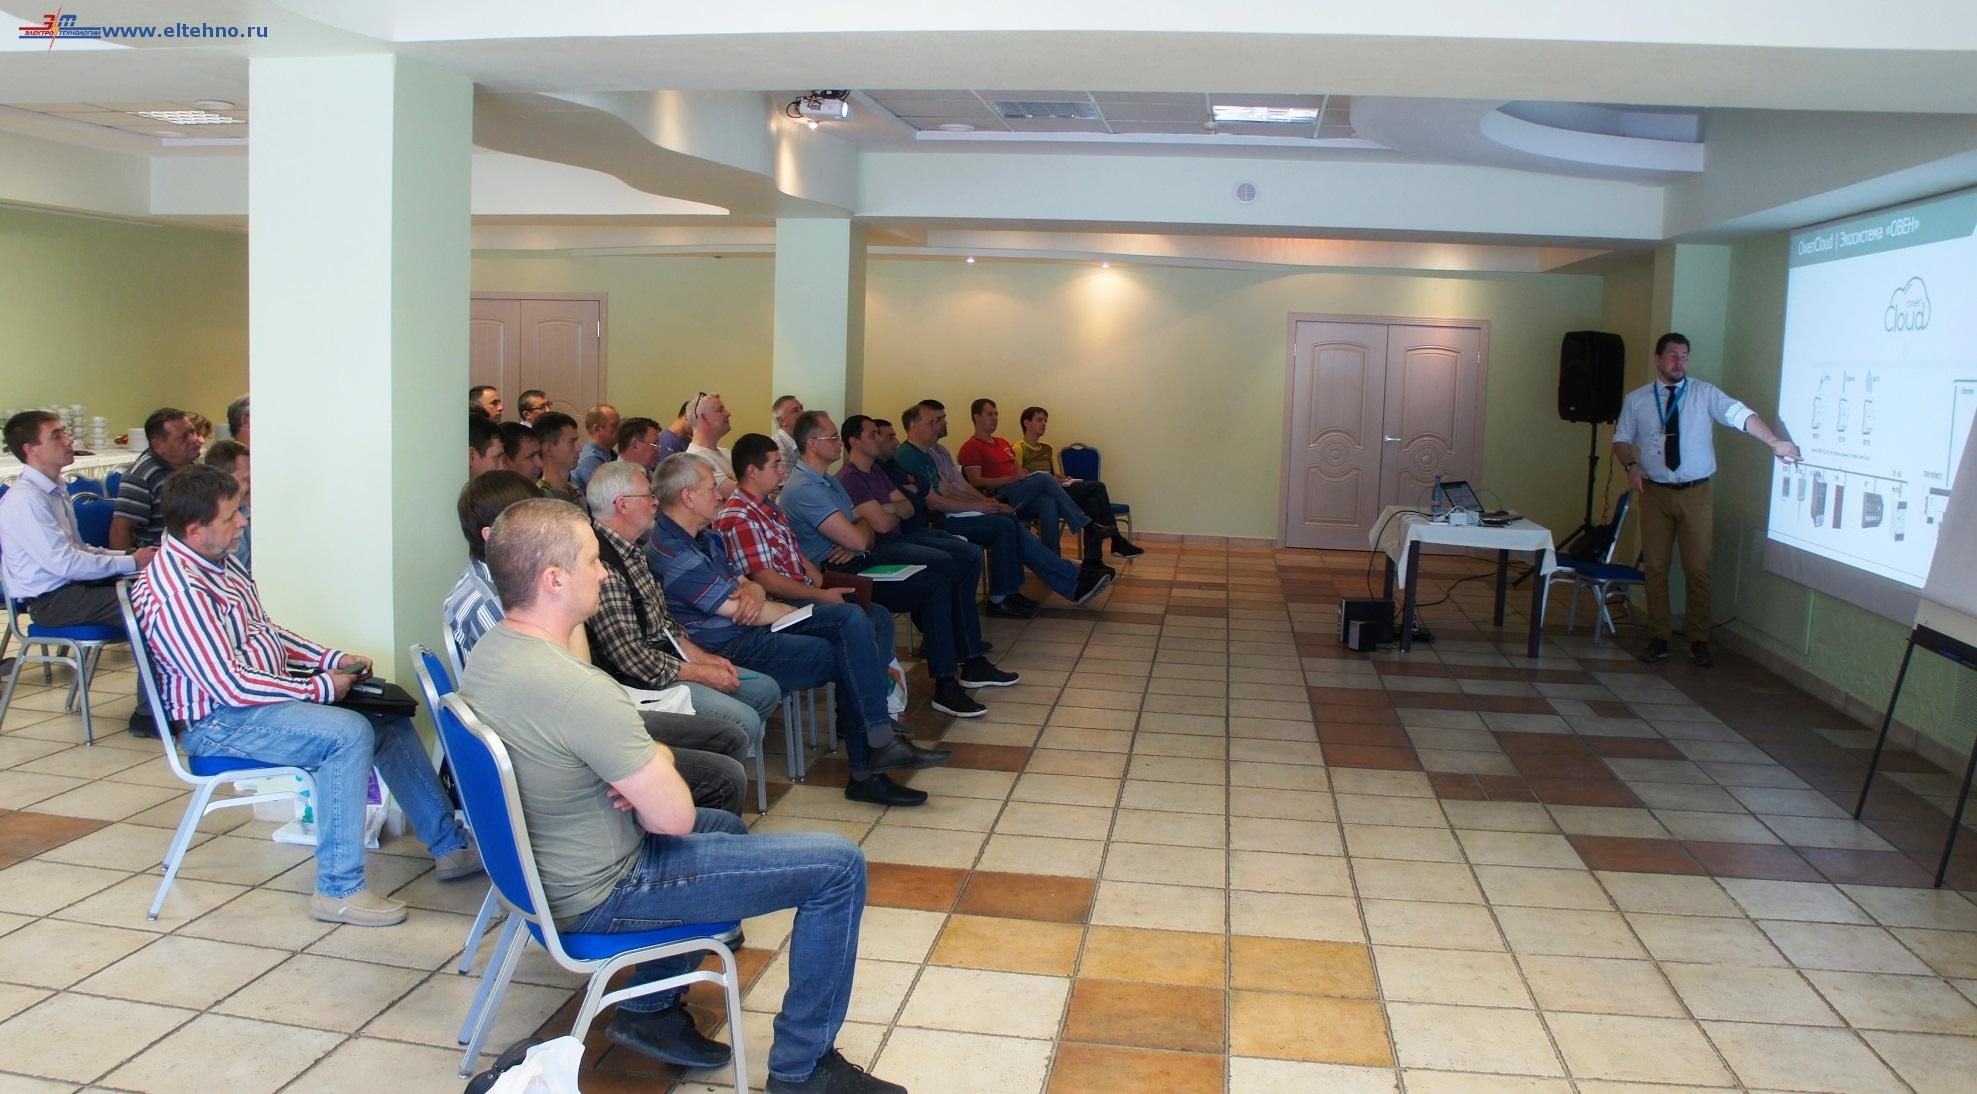 В совместном семинаре, организованном специалистами ОВЕН и официального дилера на КМВ,  компании ООО Электротехнологии, принимали участие инженеры и специалисты в области АСУ, ведущих производтсвенных  компаний СКФО